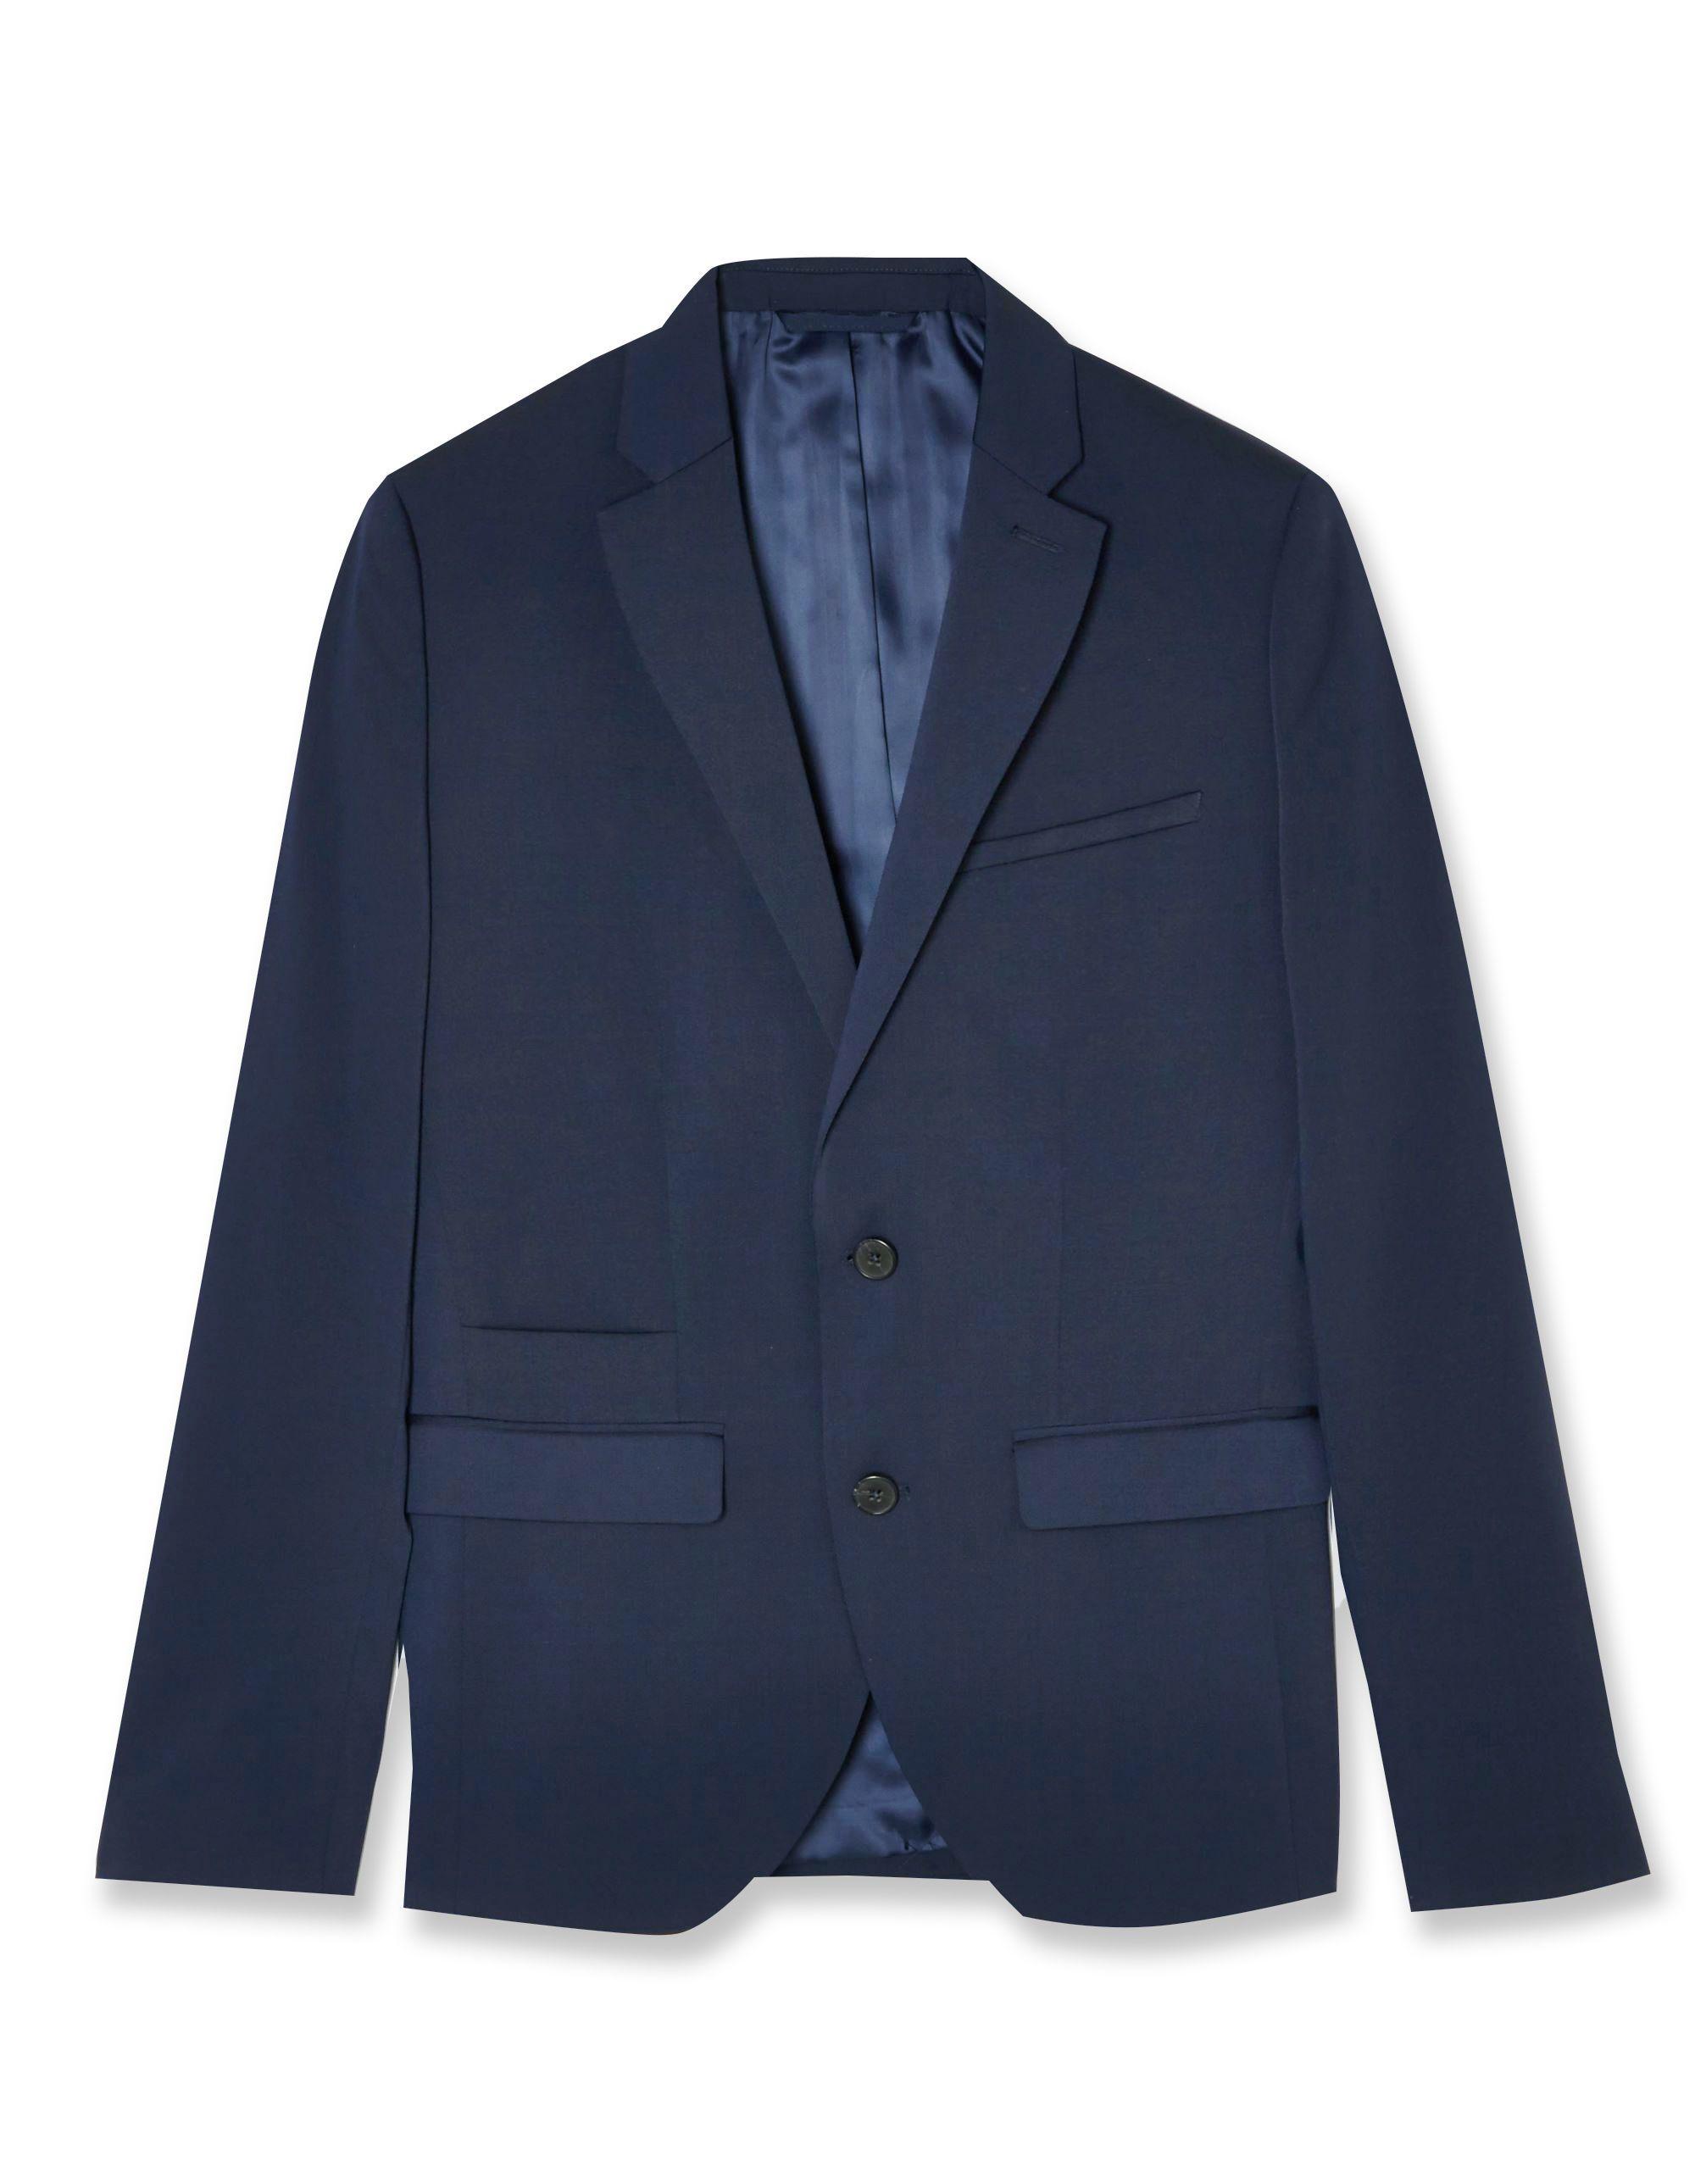 4a8a7740bc8 Veste de costume slim en laine Cette veste costume homme fait partie des  vêtements indispensables de